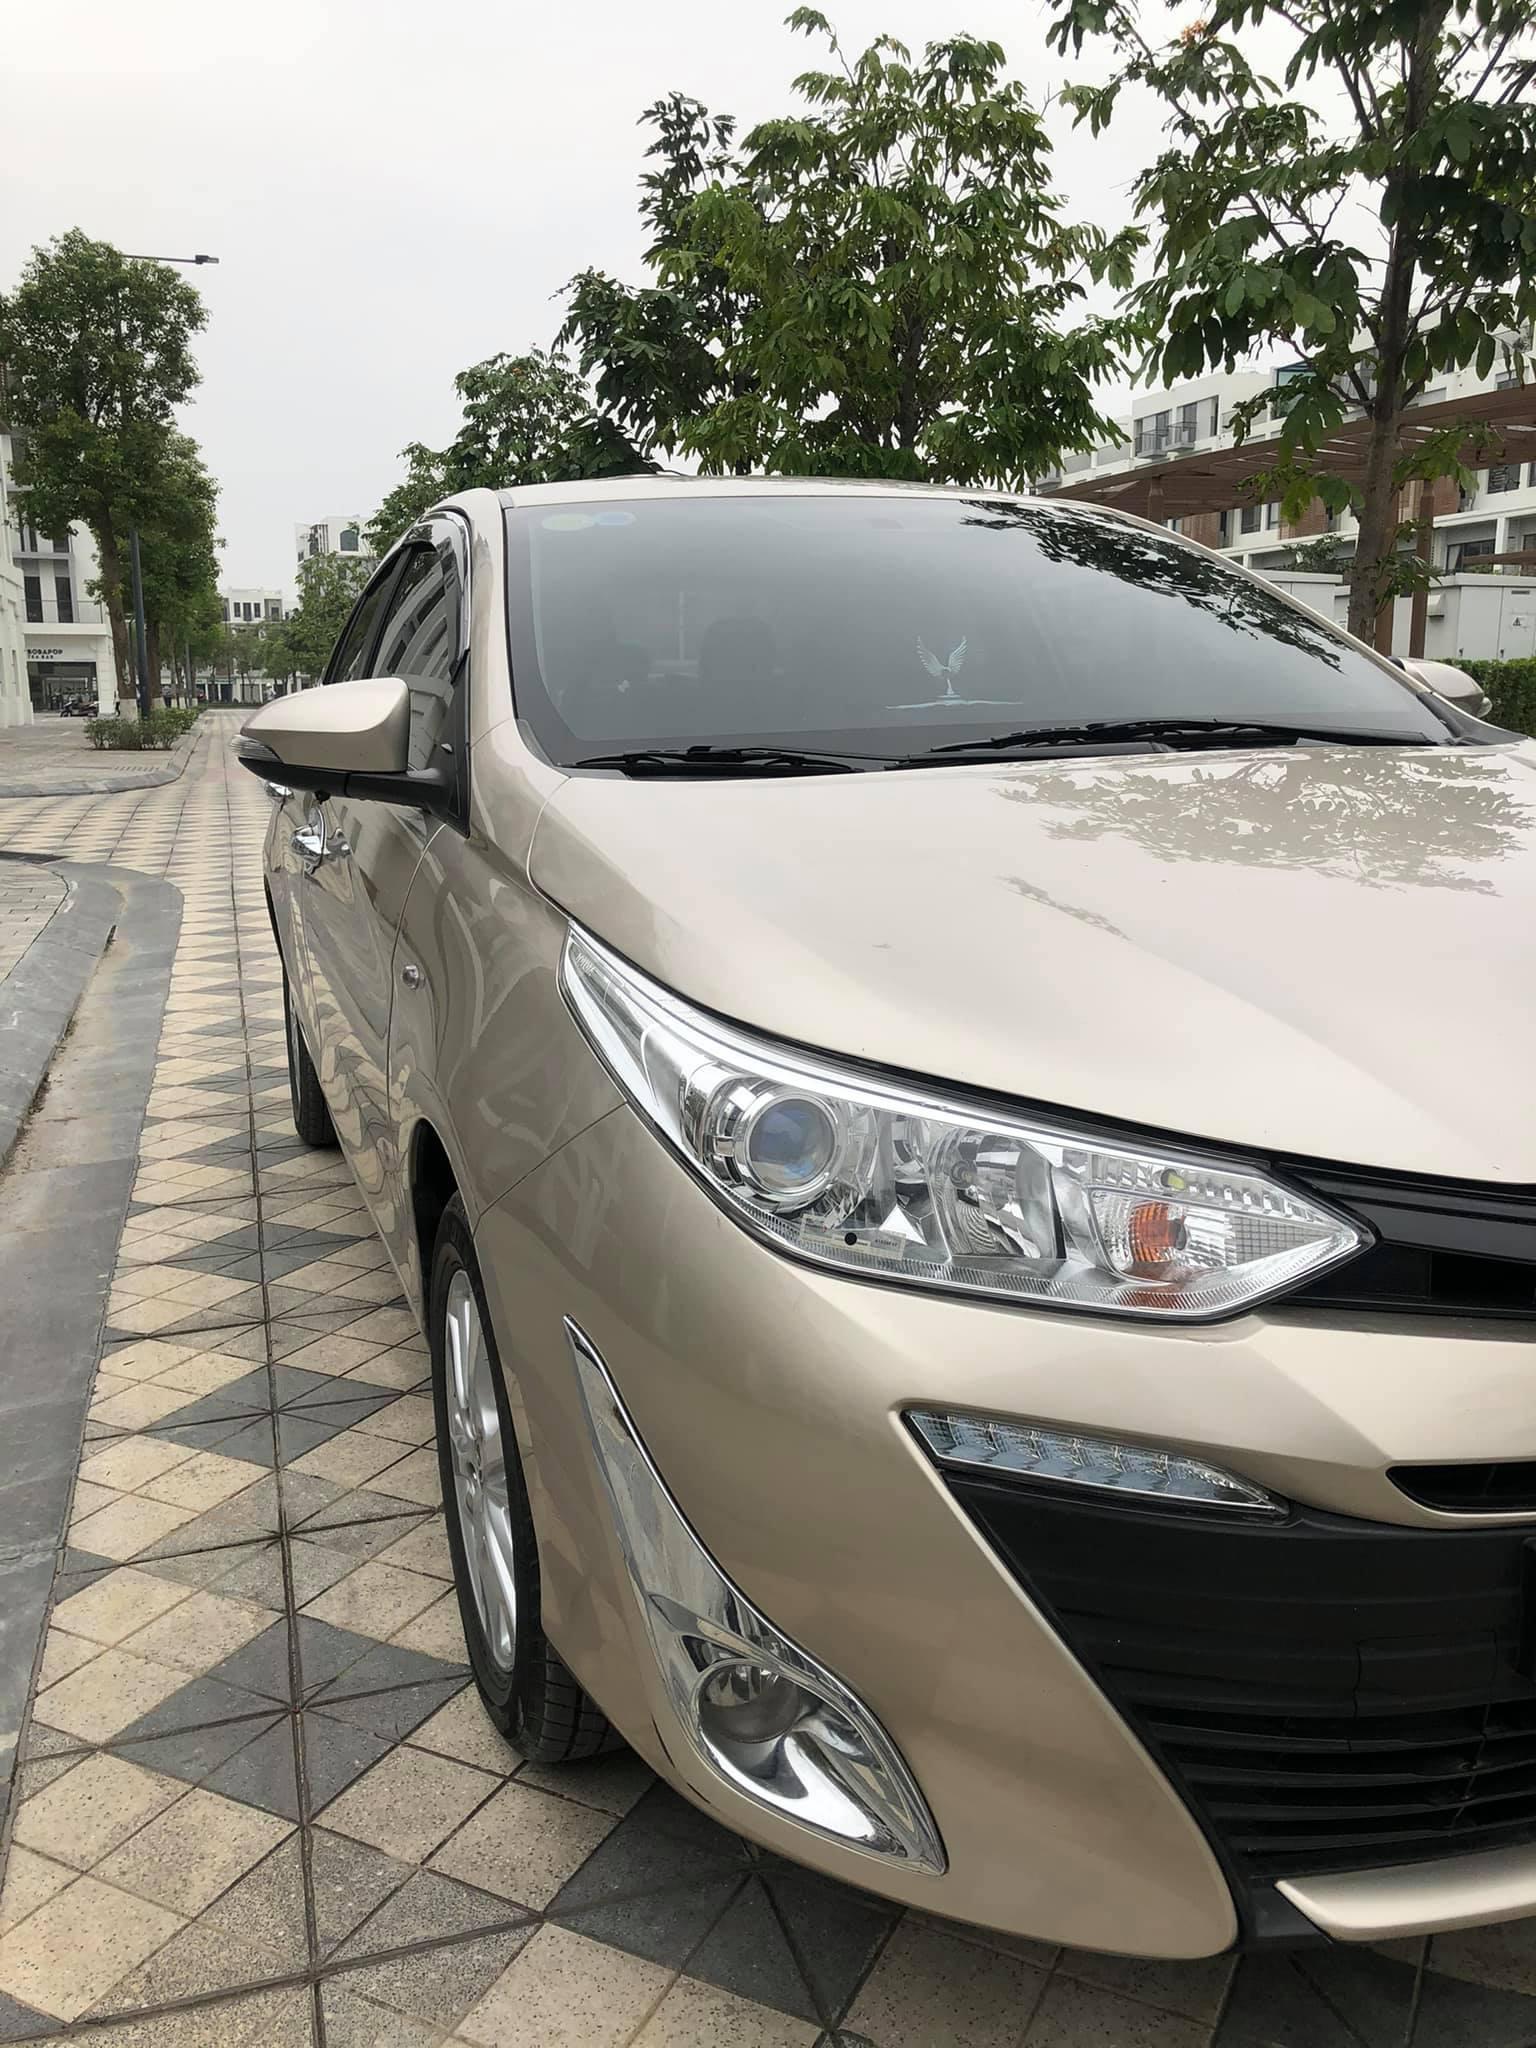 Toyota Vios số sàn đời 2018 màu vàng cát, đẹp như mới, rao bán giá ngỡ ngàng - Ảnh 2.